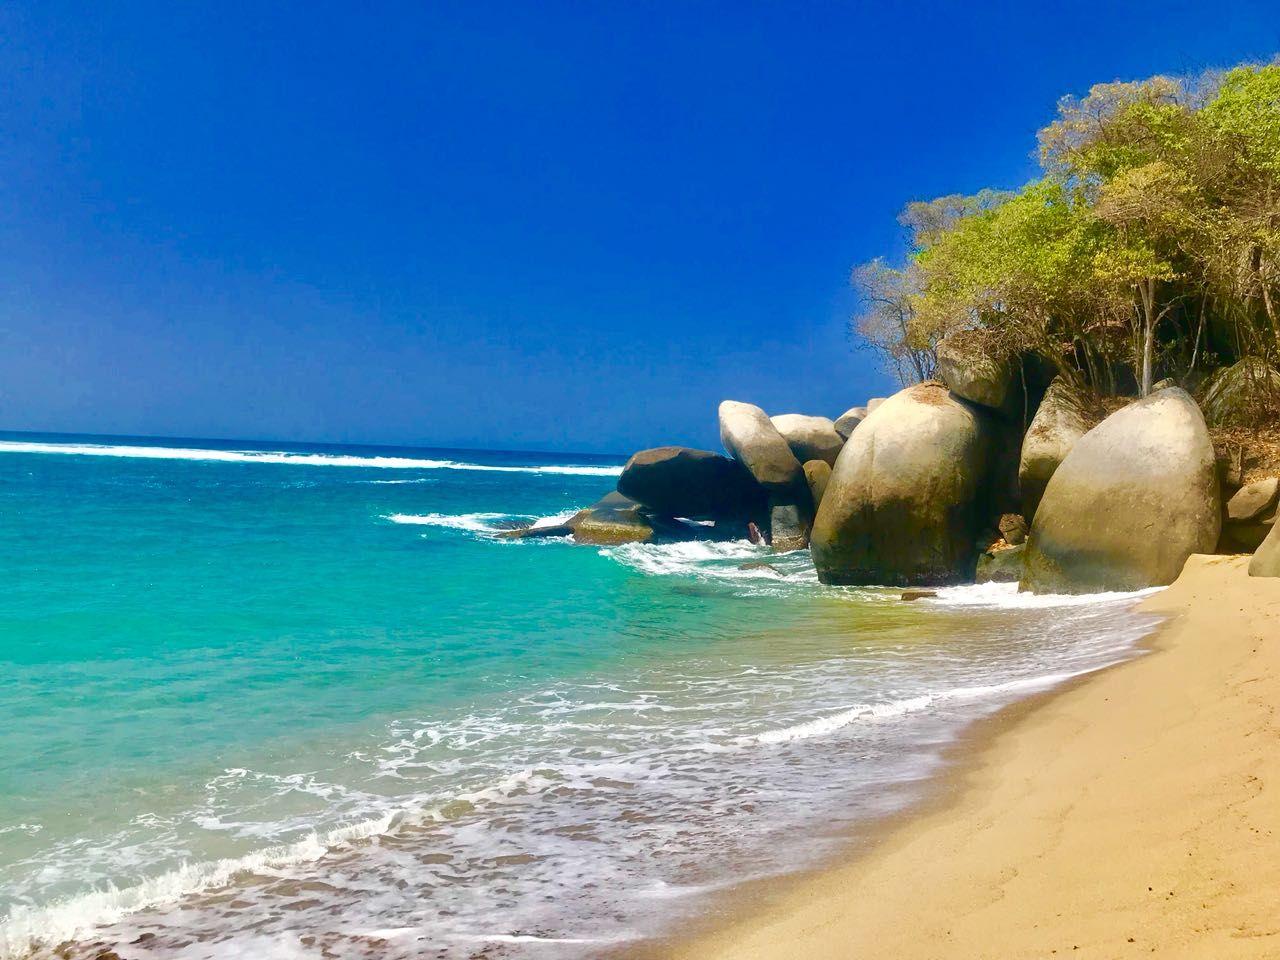 Playa nudistas parque tayrona